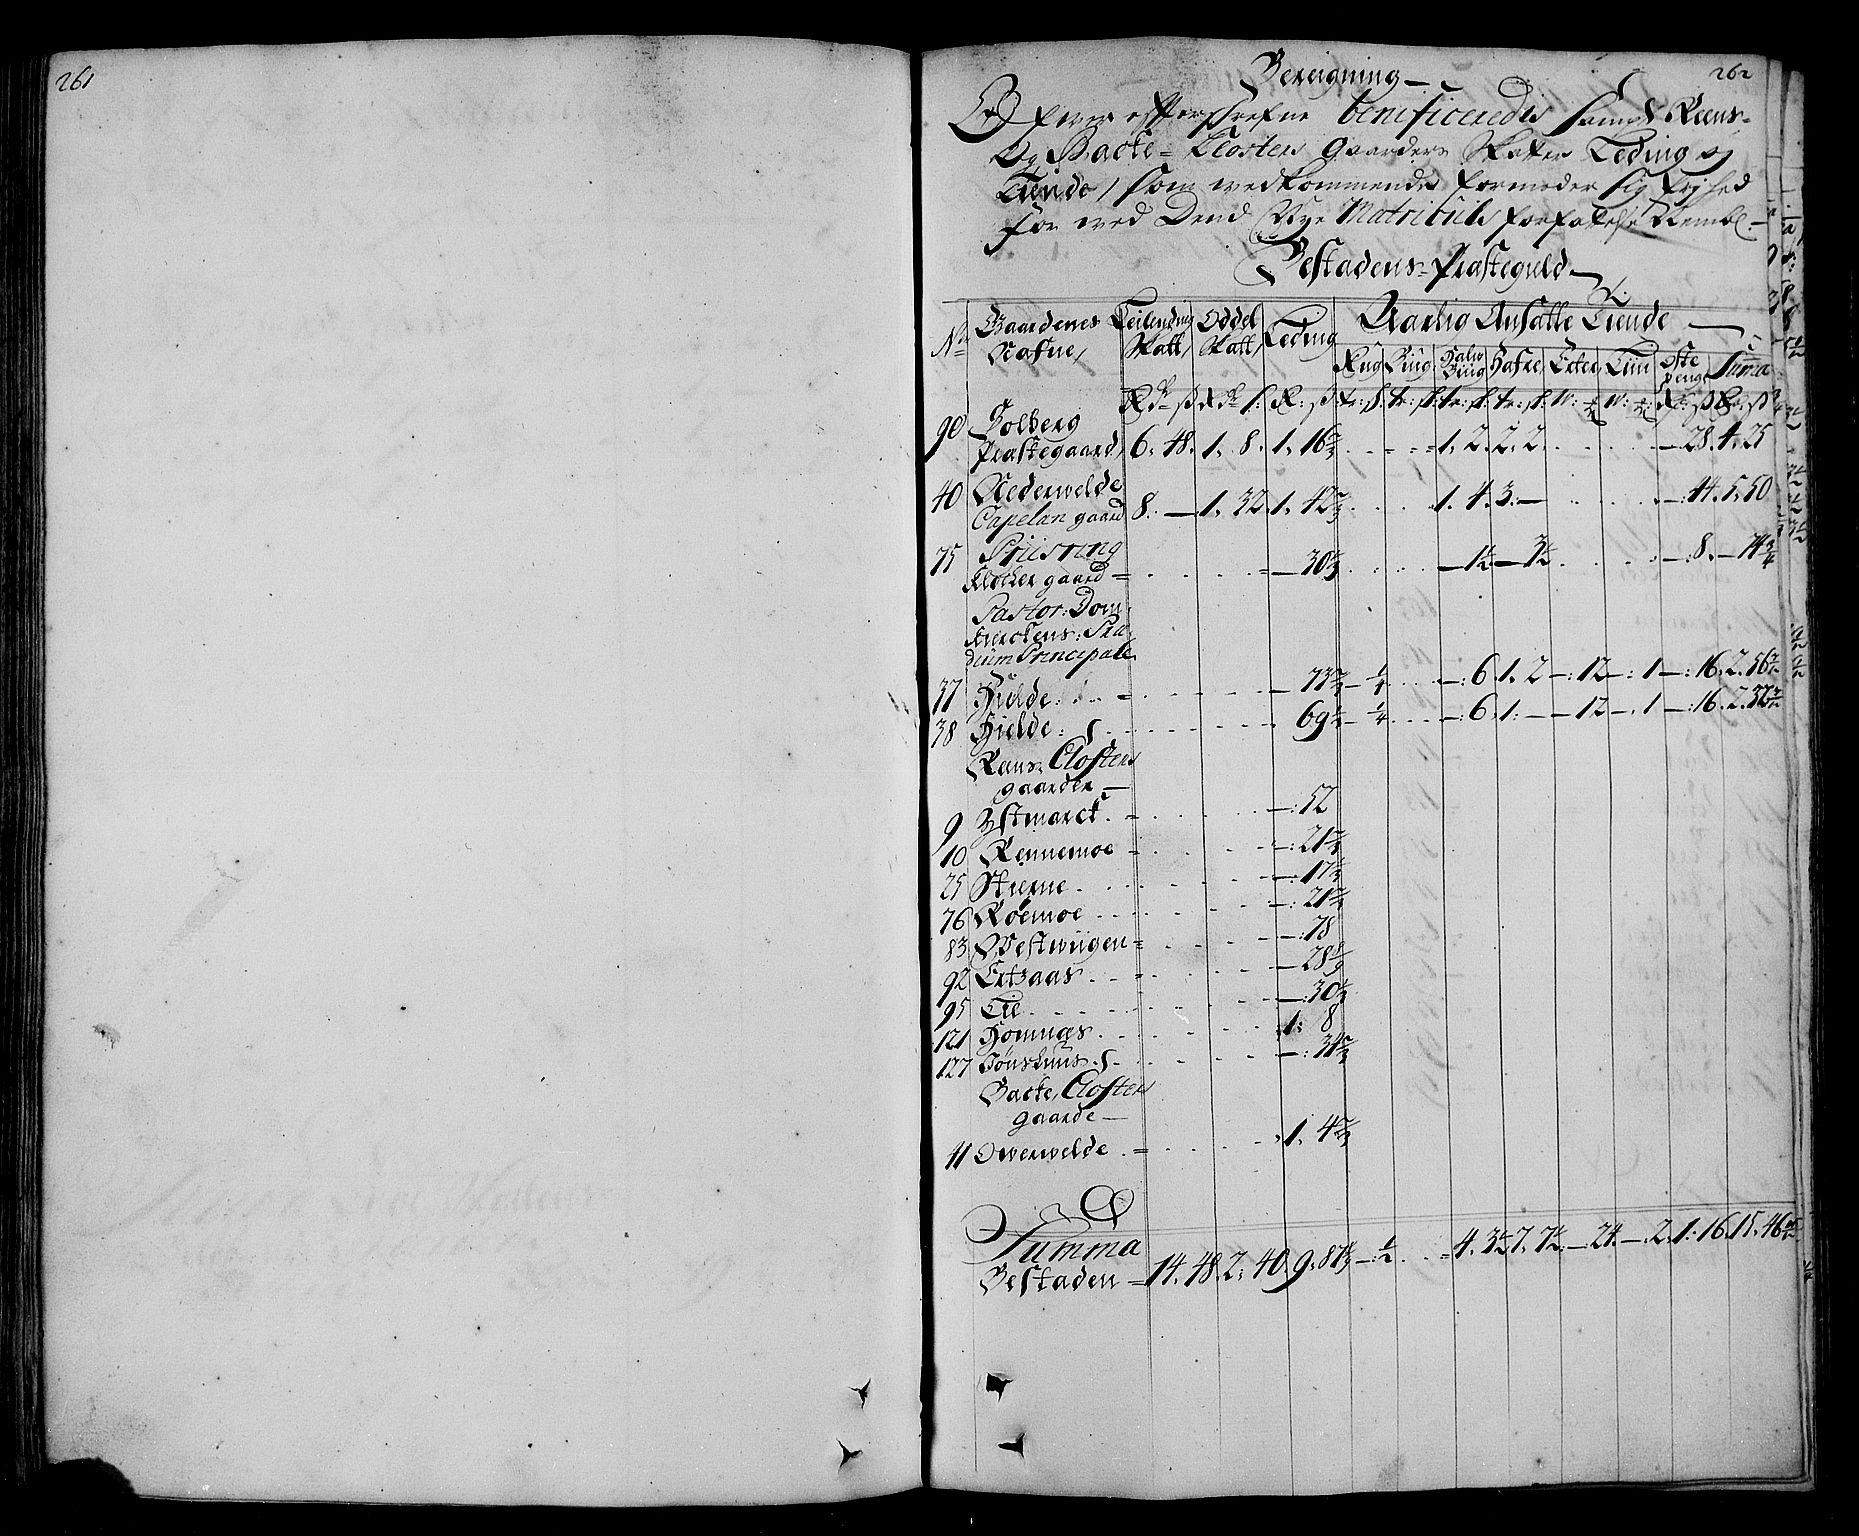 RA, Rentekammeret inntil 1814, Realistisk ordnet avdeling, N/Nb/Nbf/L0167: Inderøy matrikkelprotokoll, 1723, s. 261-262